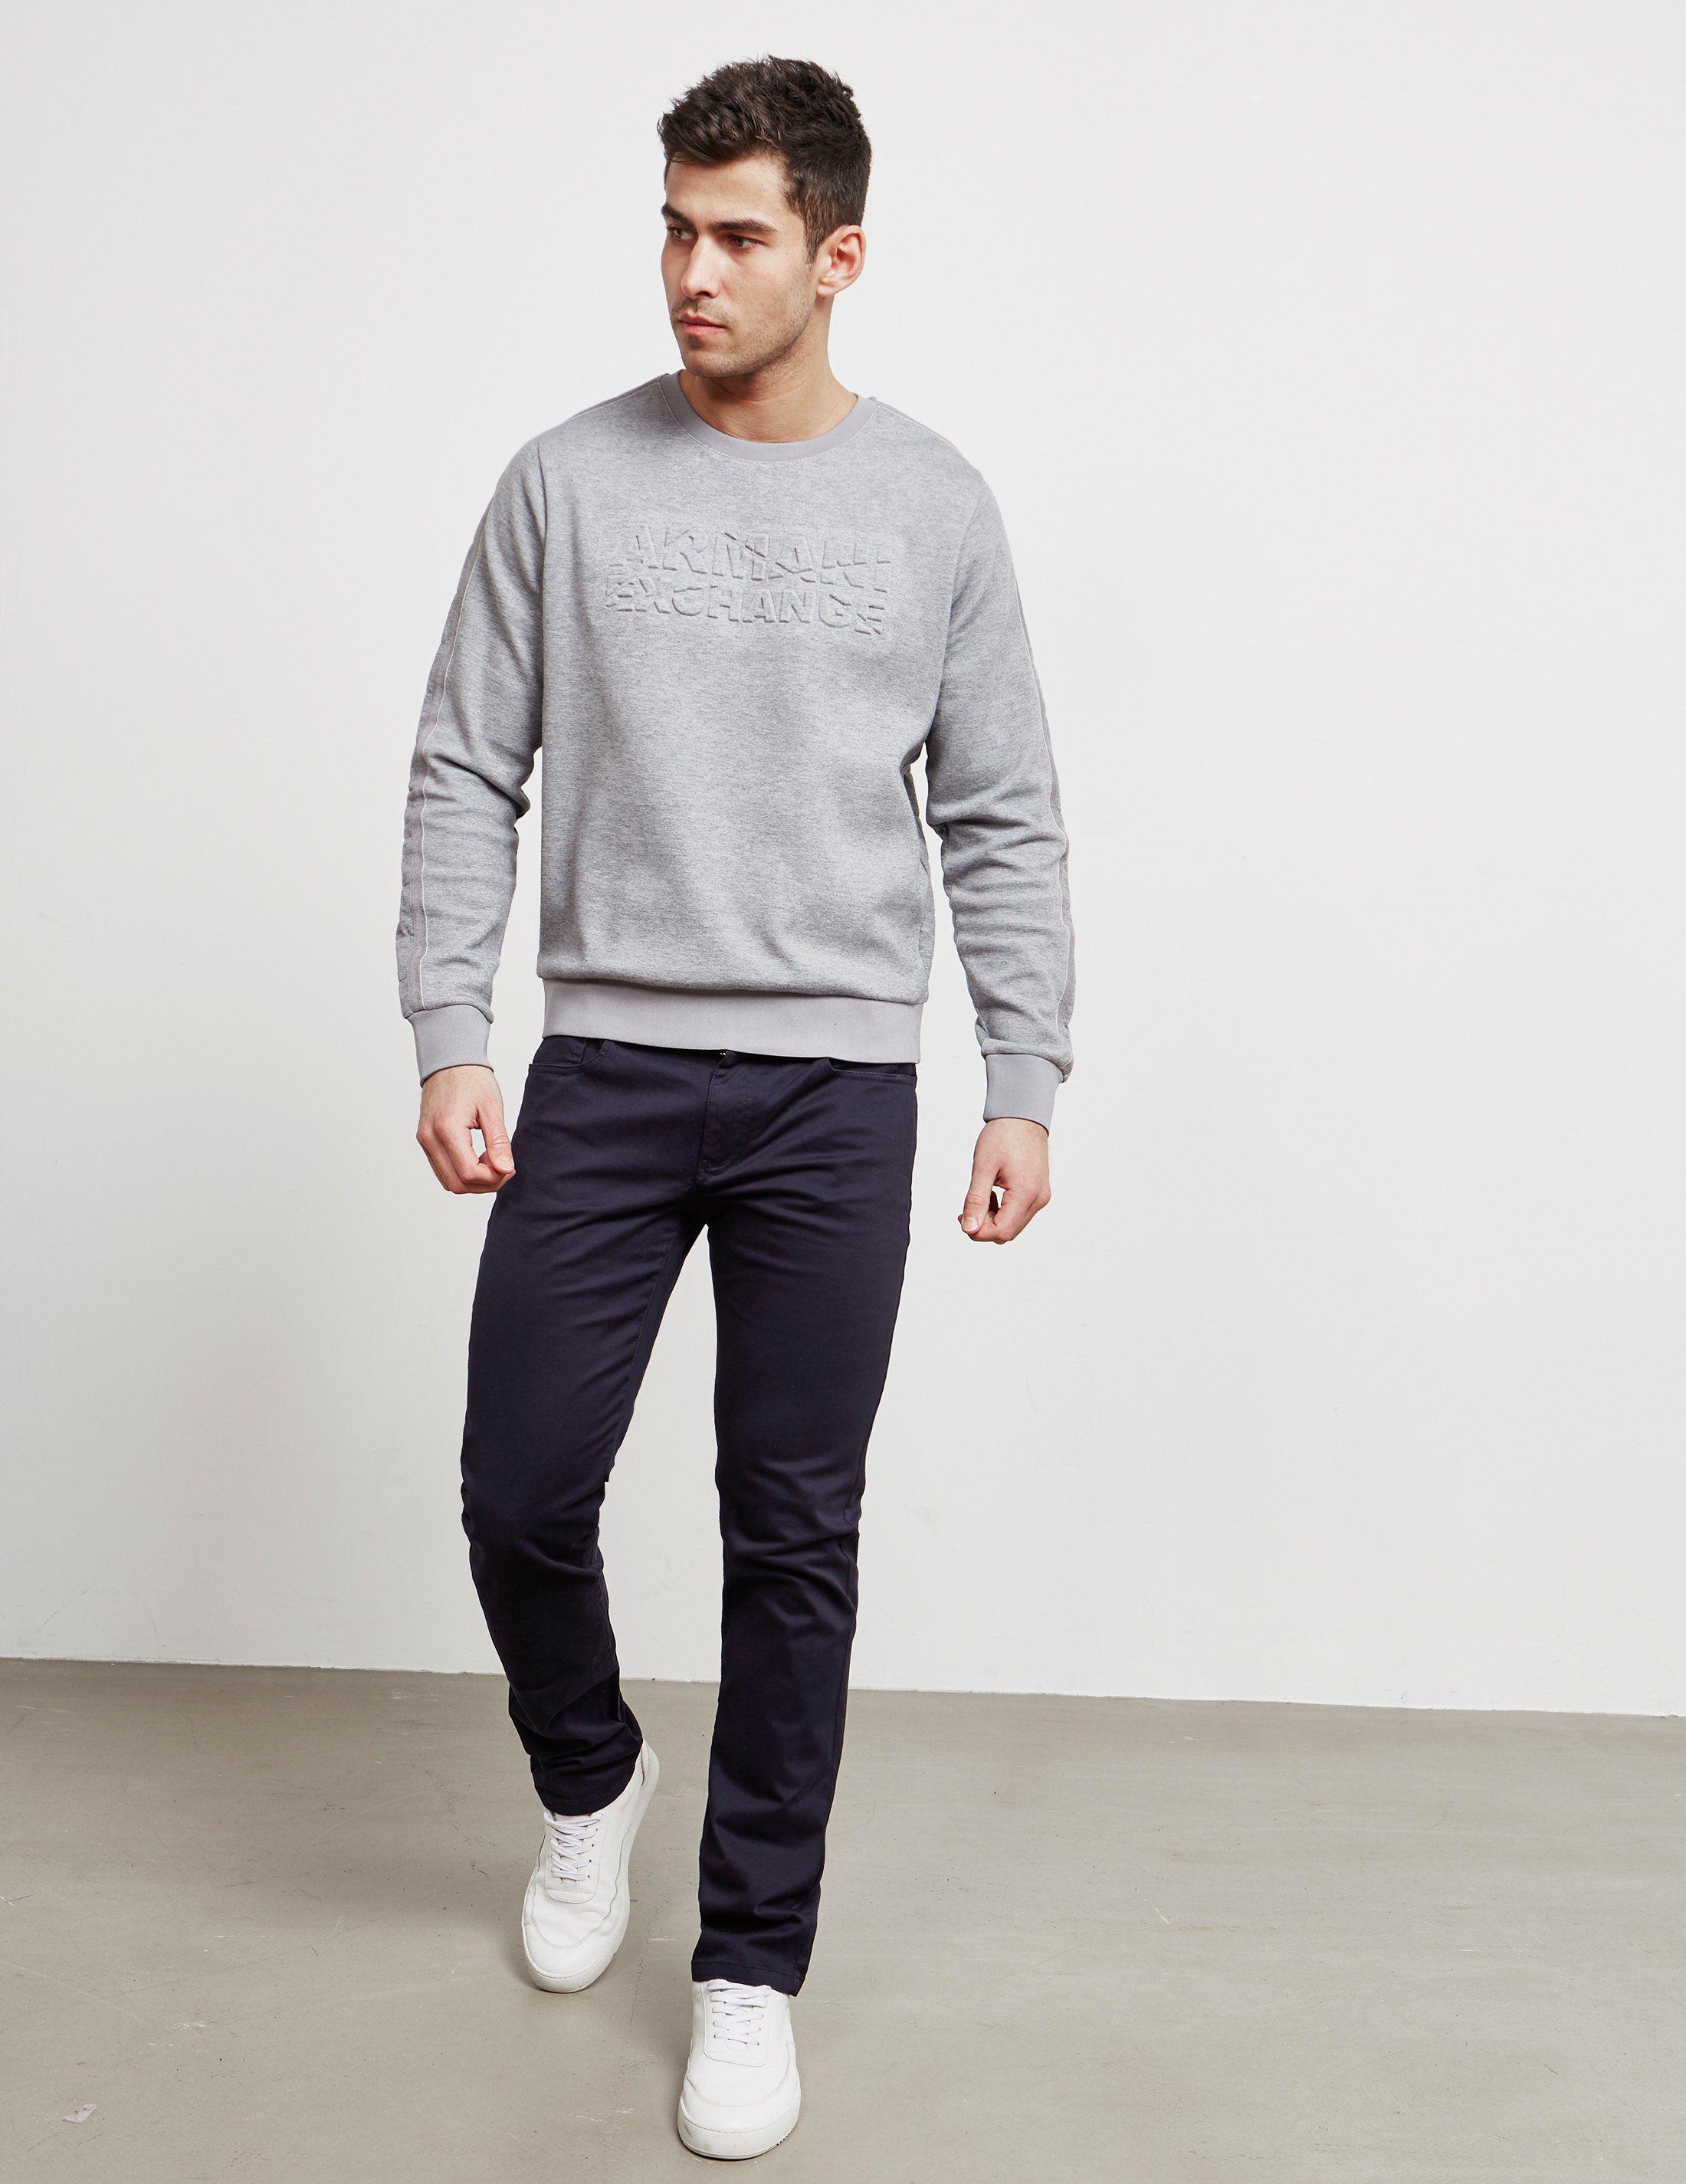 Armani Exchange J13 Slim Cotton Jeans - Online Exclusive